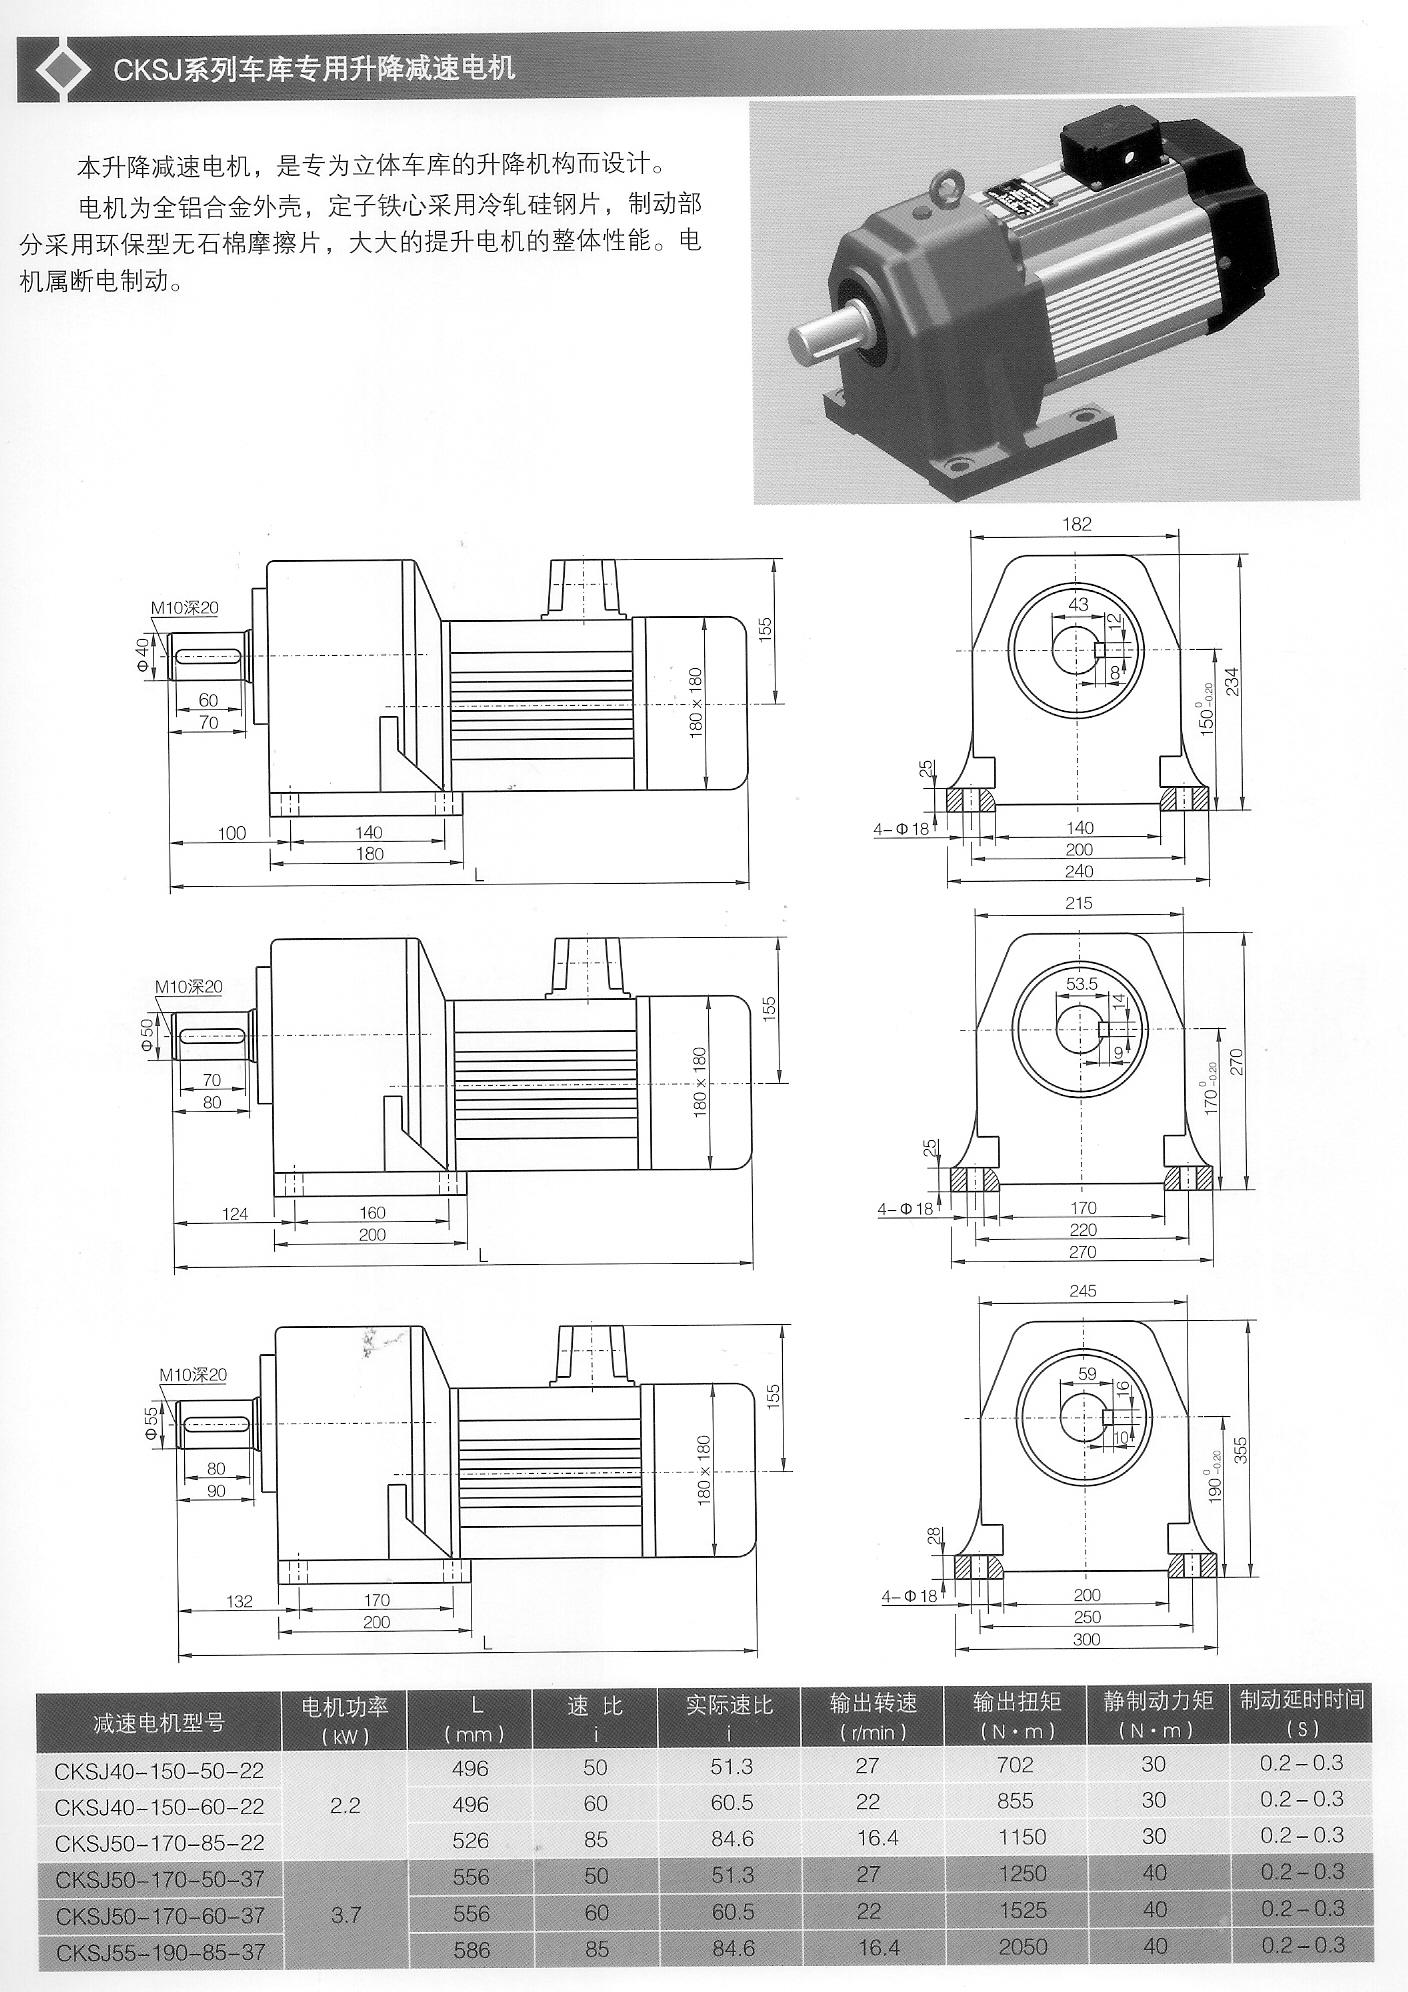 立体车库专用减速电机